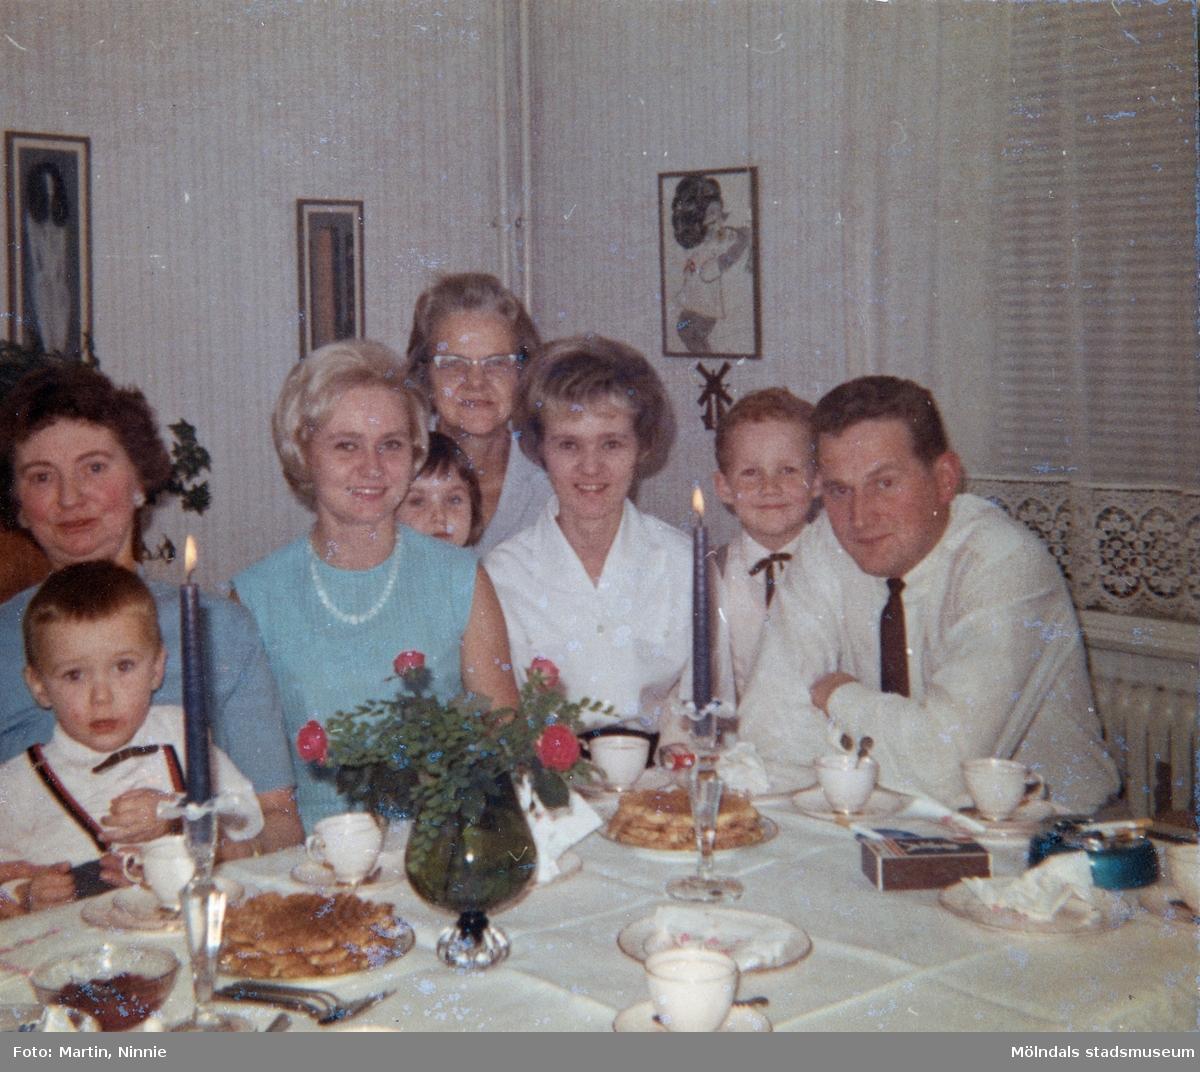 Ninnie Tobiasson har kalas och firas av släkten på Krokslättsgatan 3. Från vänster: farmor Maj med 2-årige barnbarnet Lars-Åke i knäet, Ninnie, 6-åriga Ilse och mormor Sonja kikar fram, moster Britt-Marie, 6-årige Kenneth och morbror Kent (B-M och Kent är Kenneths föräldrar).